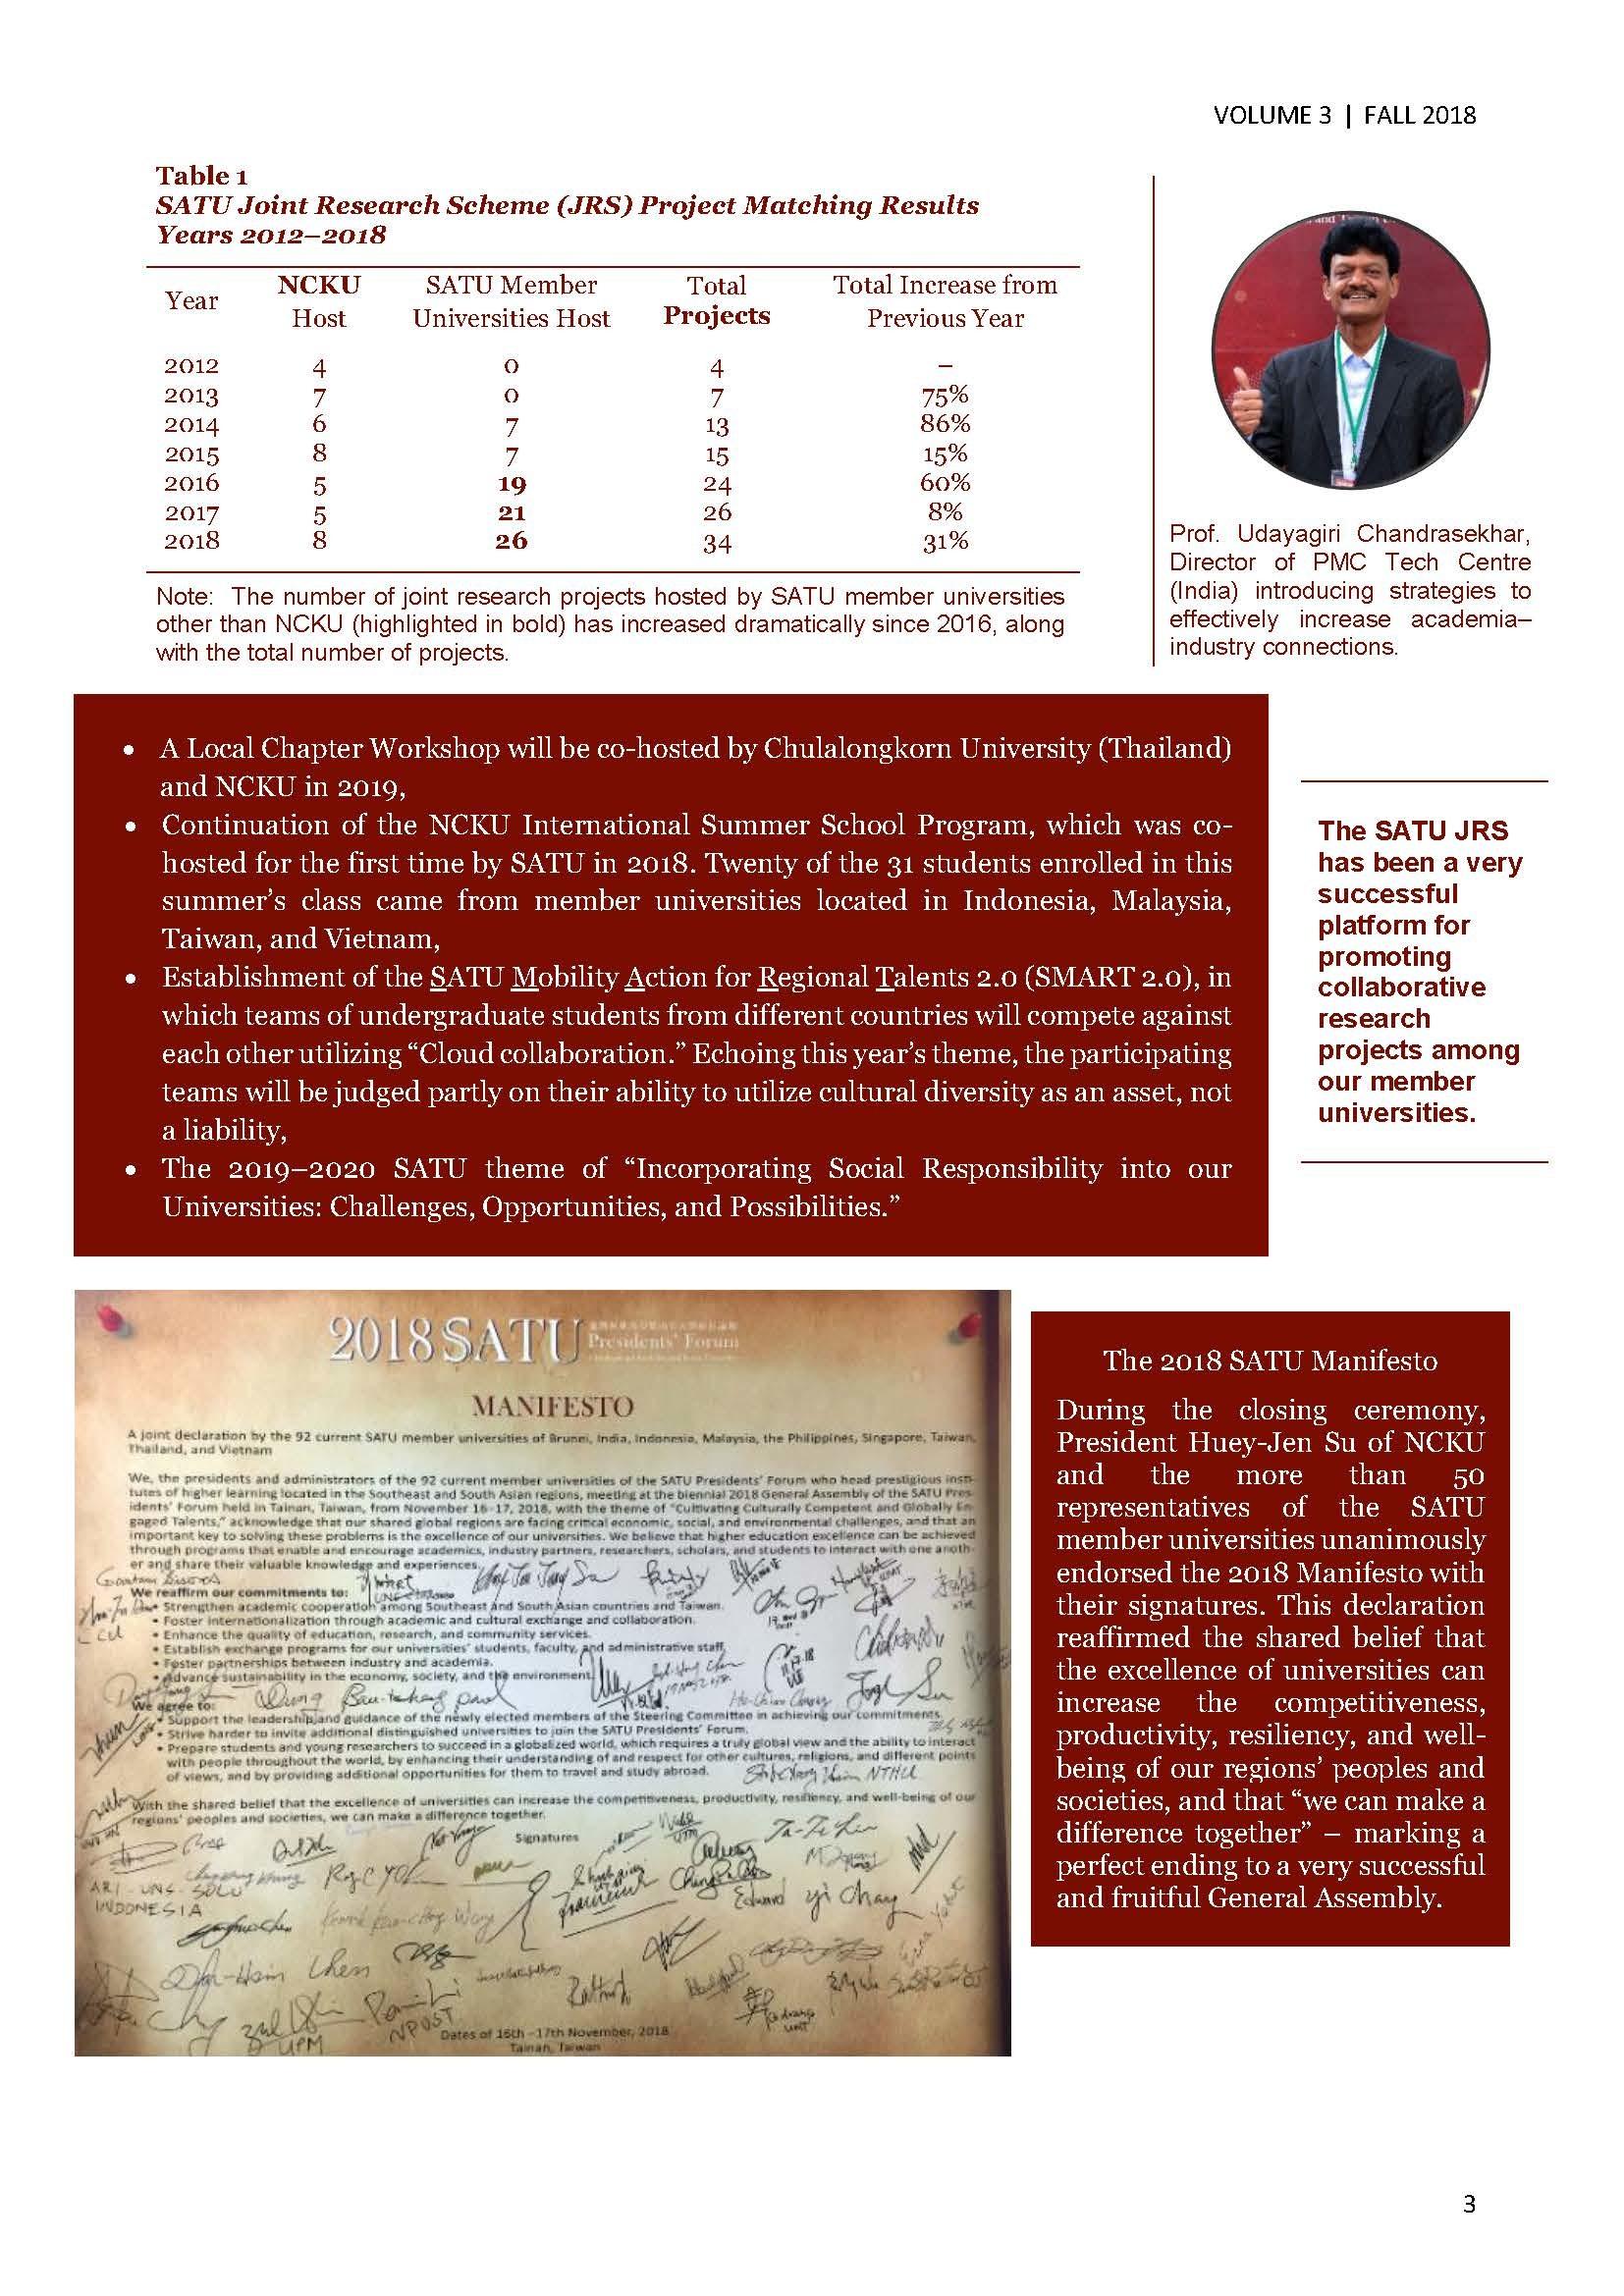 SATU E-News Vol. 3 page 3